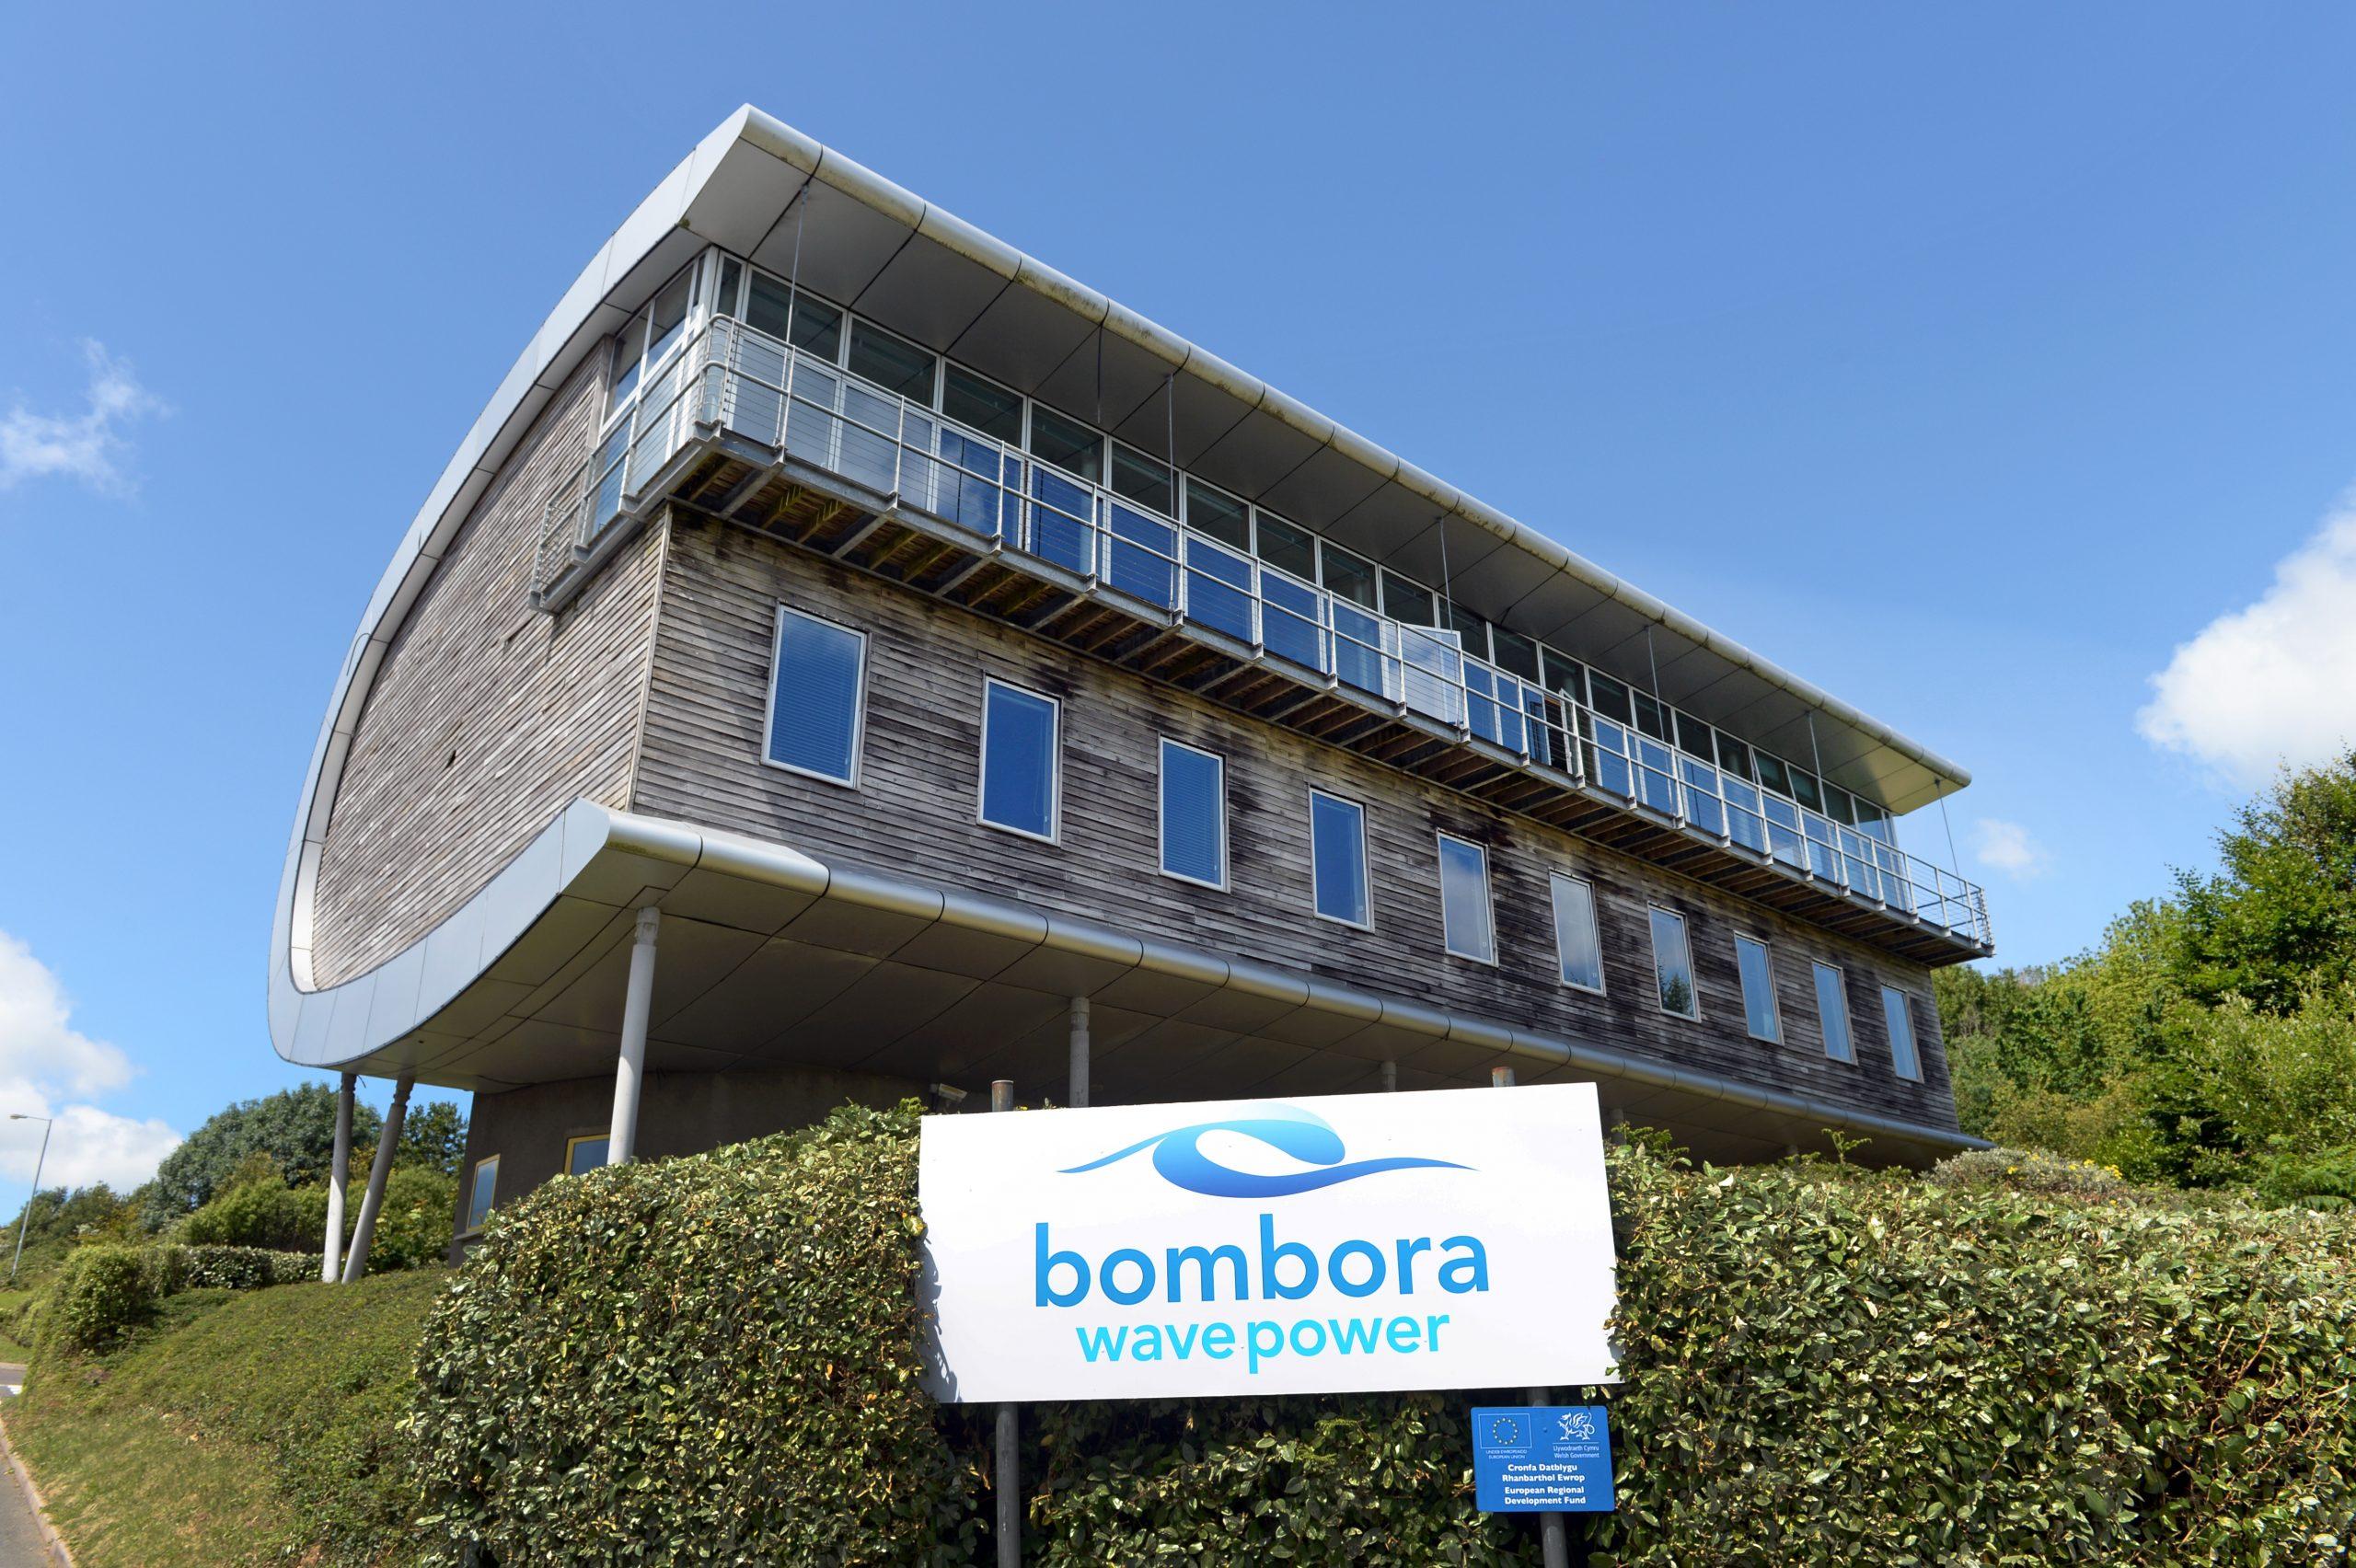 Bombora's Head Office in Pembroke Dock